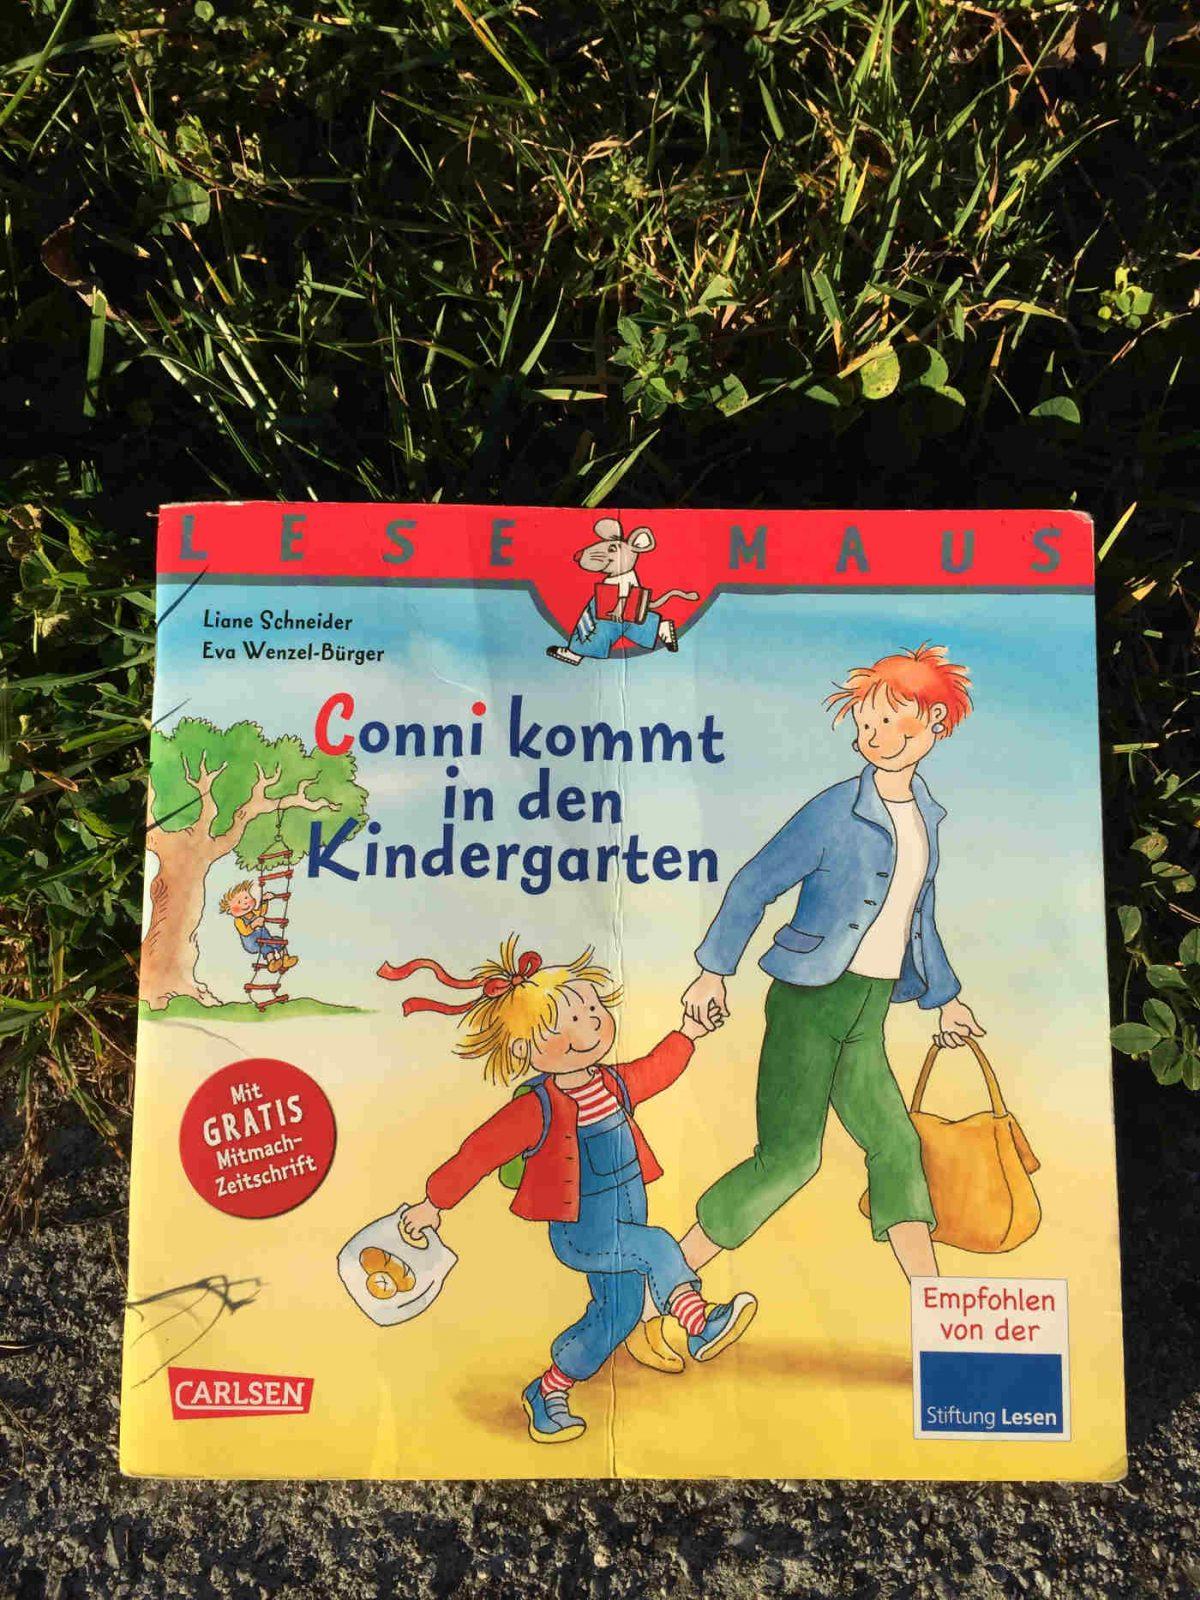 Liane Schneider und Eva Wenzel-Bürger Conni kommt in den Kindergarten Buchtipp Buchempfehlung Mitbringsel Kinder ab 3 Brigitte Wallingers Kinderbuchblog Jugendbuchblog empfehlenswert genial